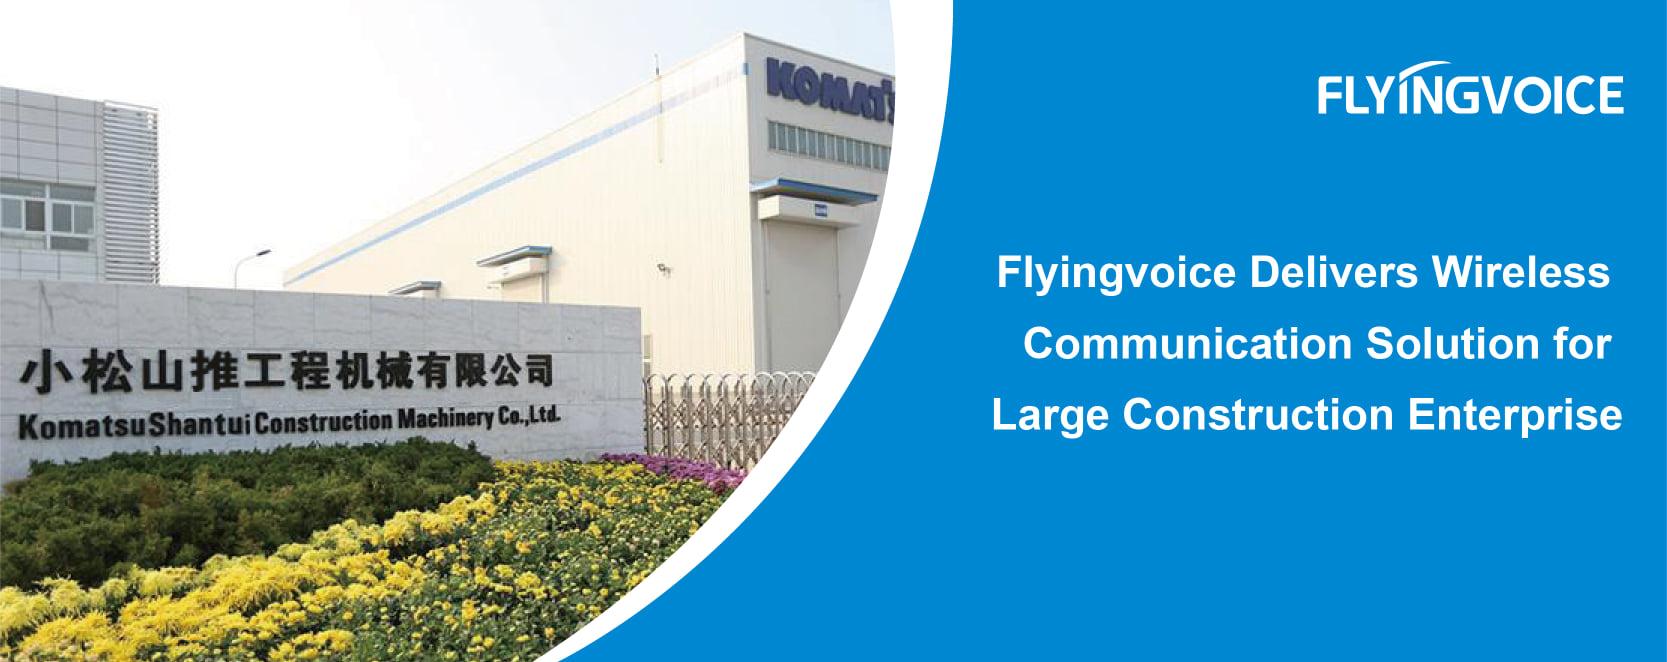 Flyingvoice Markası Hakkında